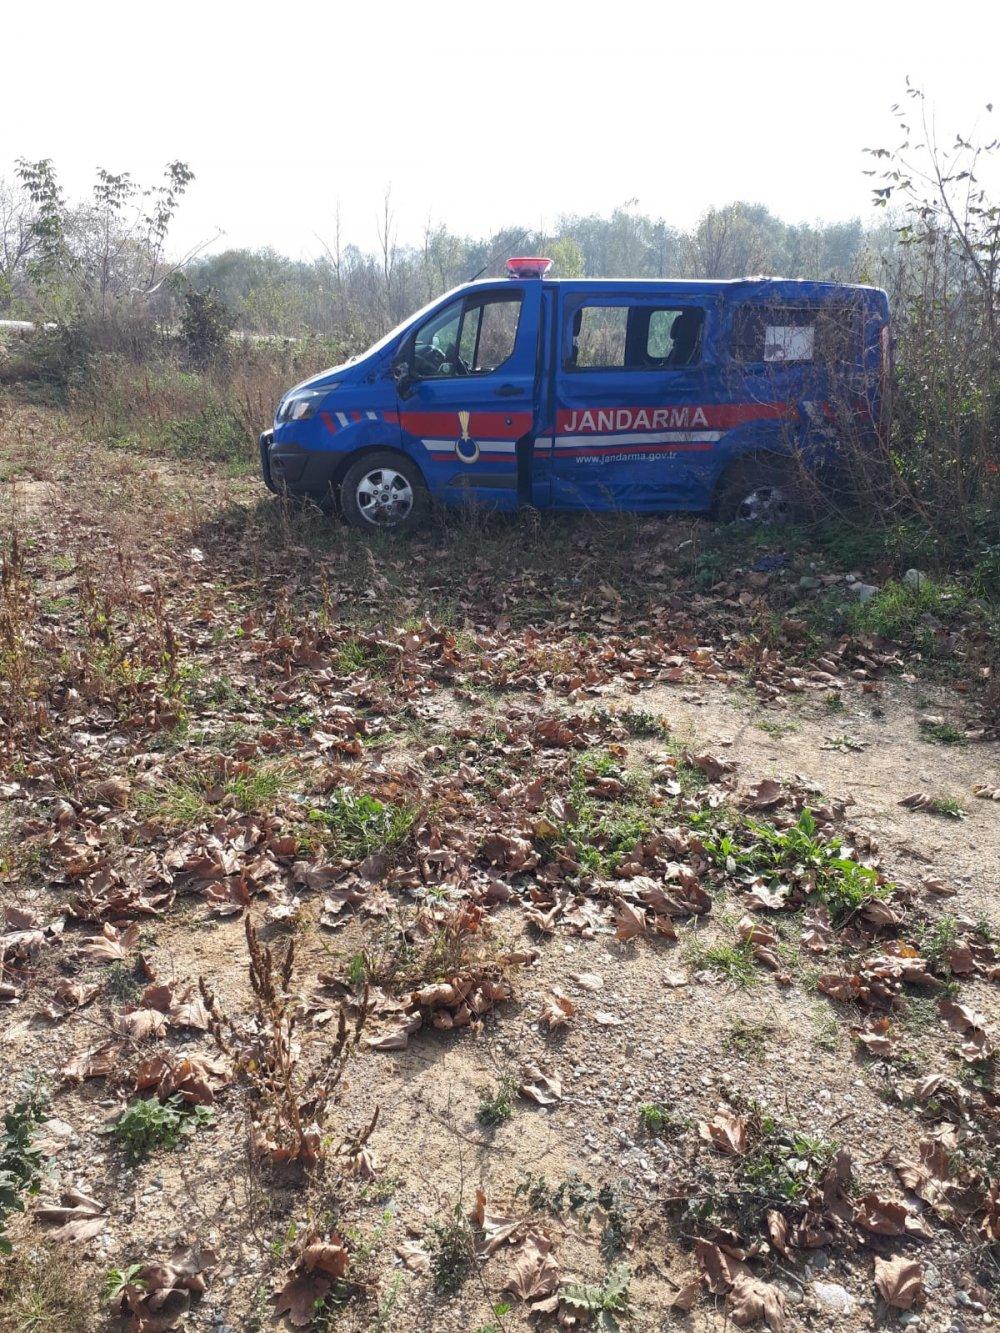 Tır askeri araca çarptı: 1 asker yaralandı